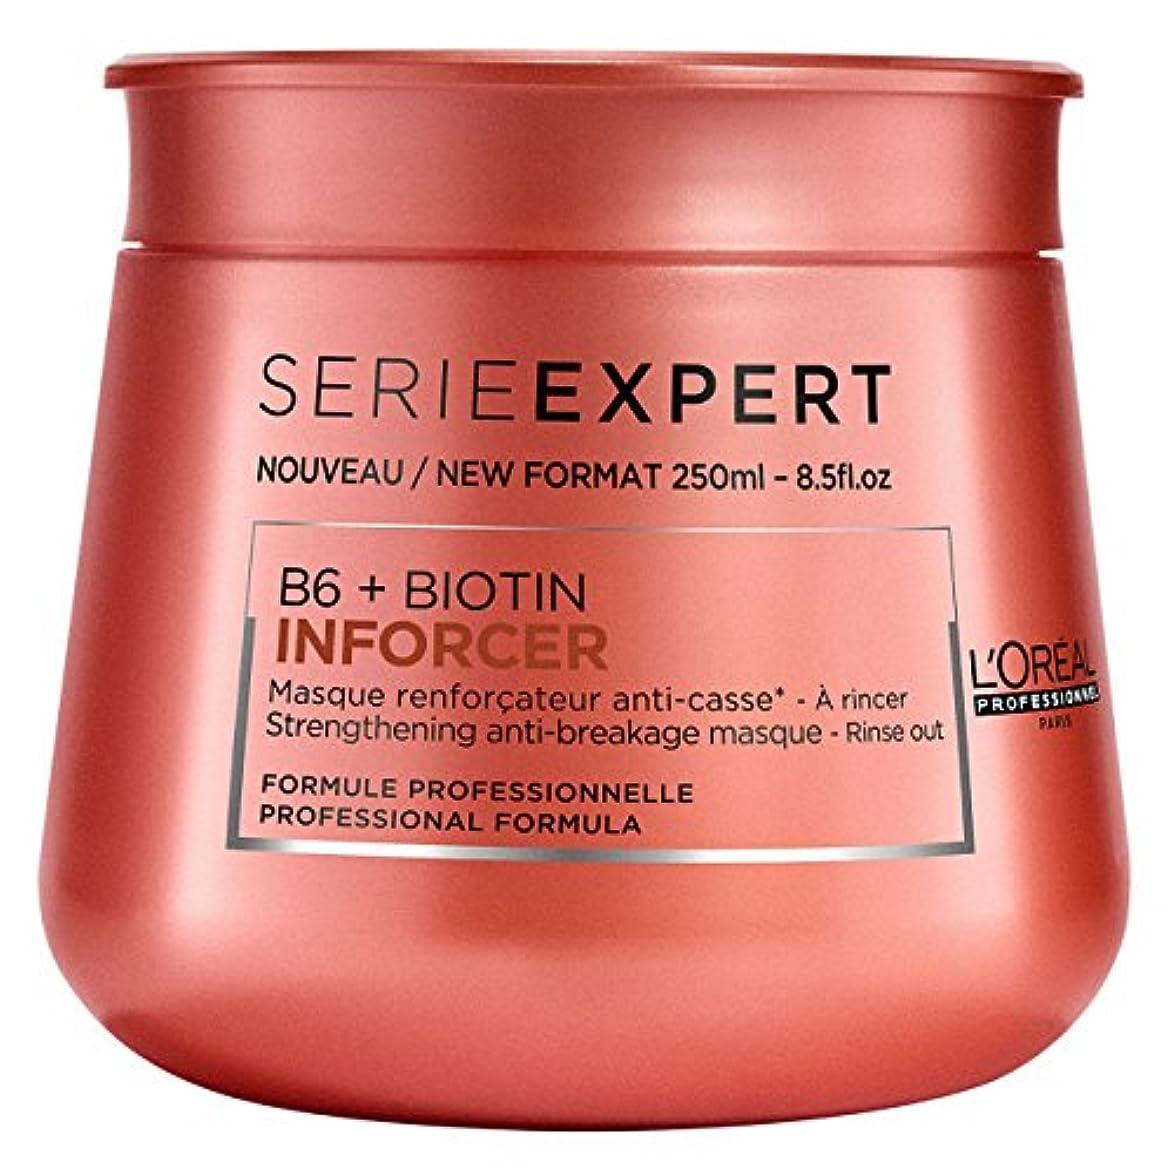 姿を消す動物園補うL'Oreal Serie Expert B6 + Biotin INFORCER Strengthening Anti-Breakage Masque 250 ml [並行輸入品]